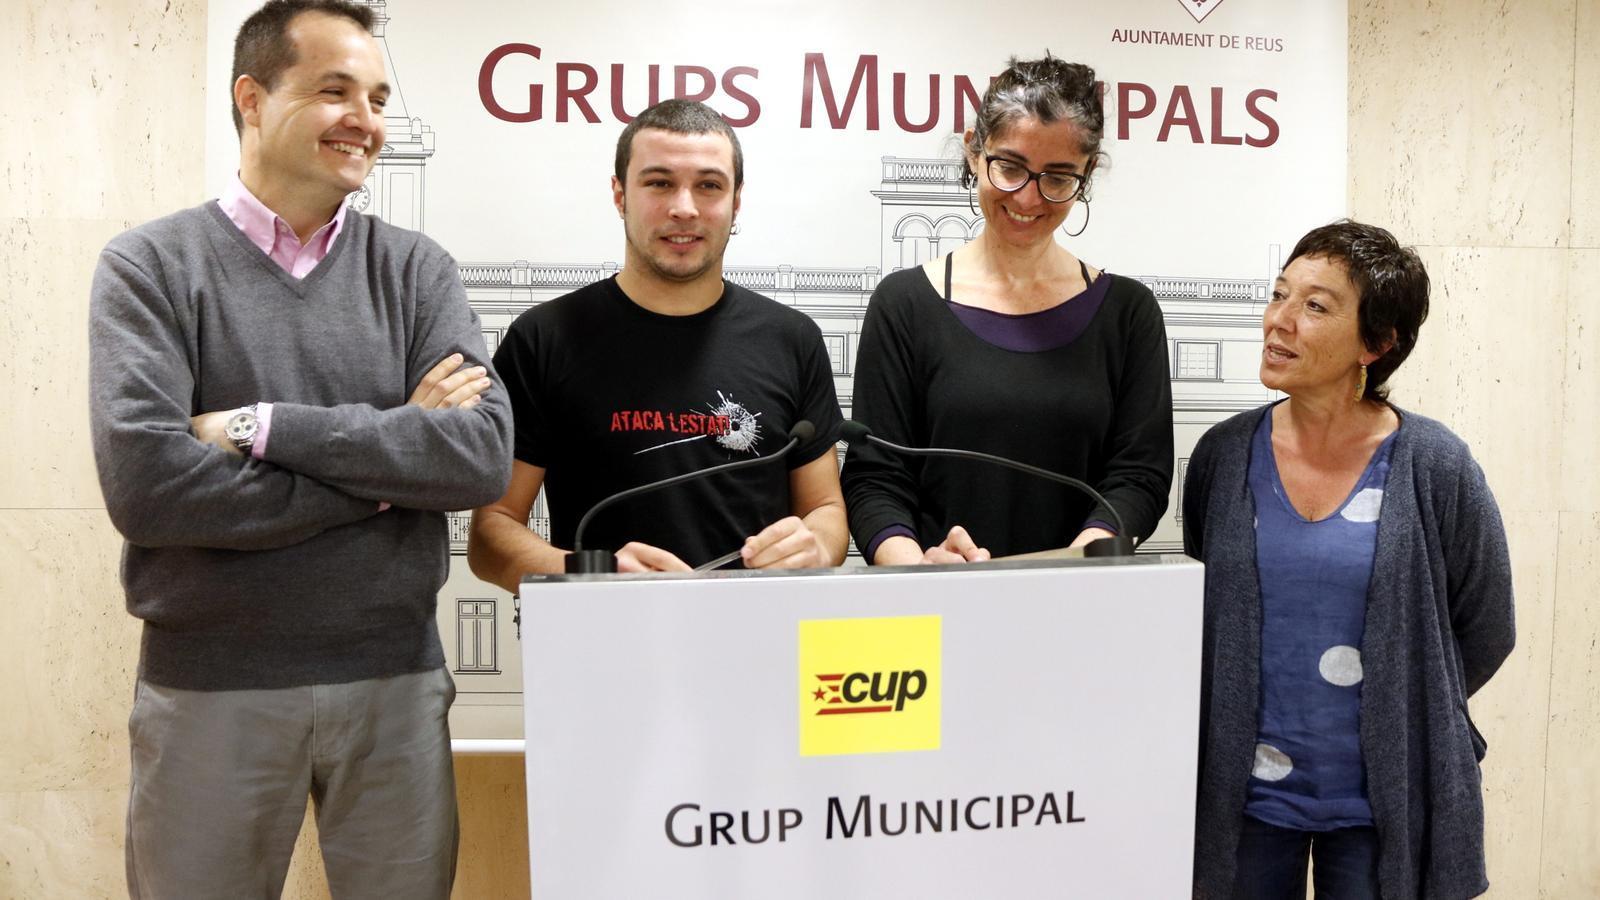 Els regidors de la CUP a Reus, en una fotografia d'abril del 2017, inclosa Mariona Quadrada, a la dreta de la imatge